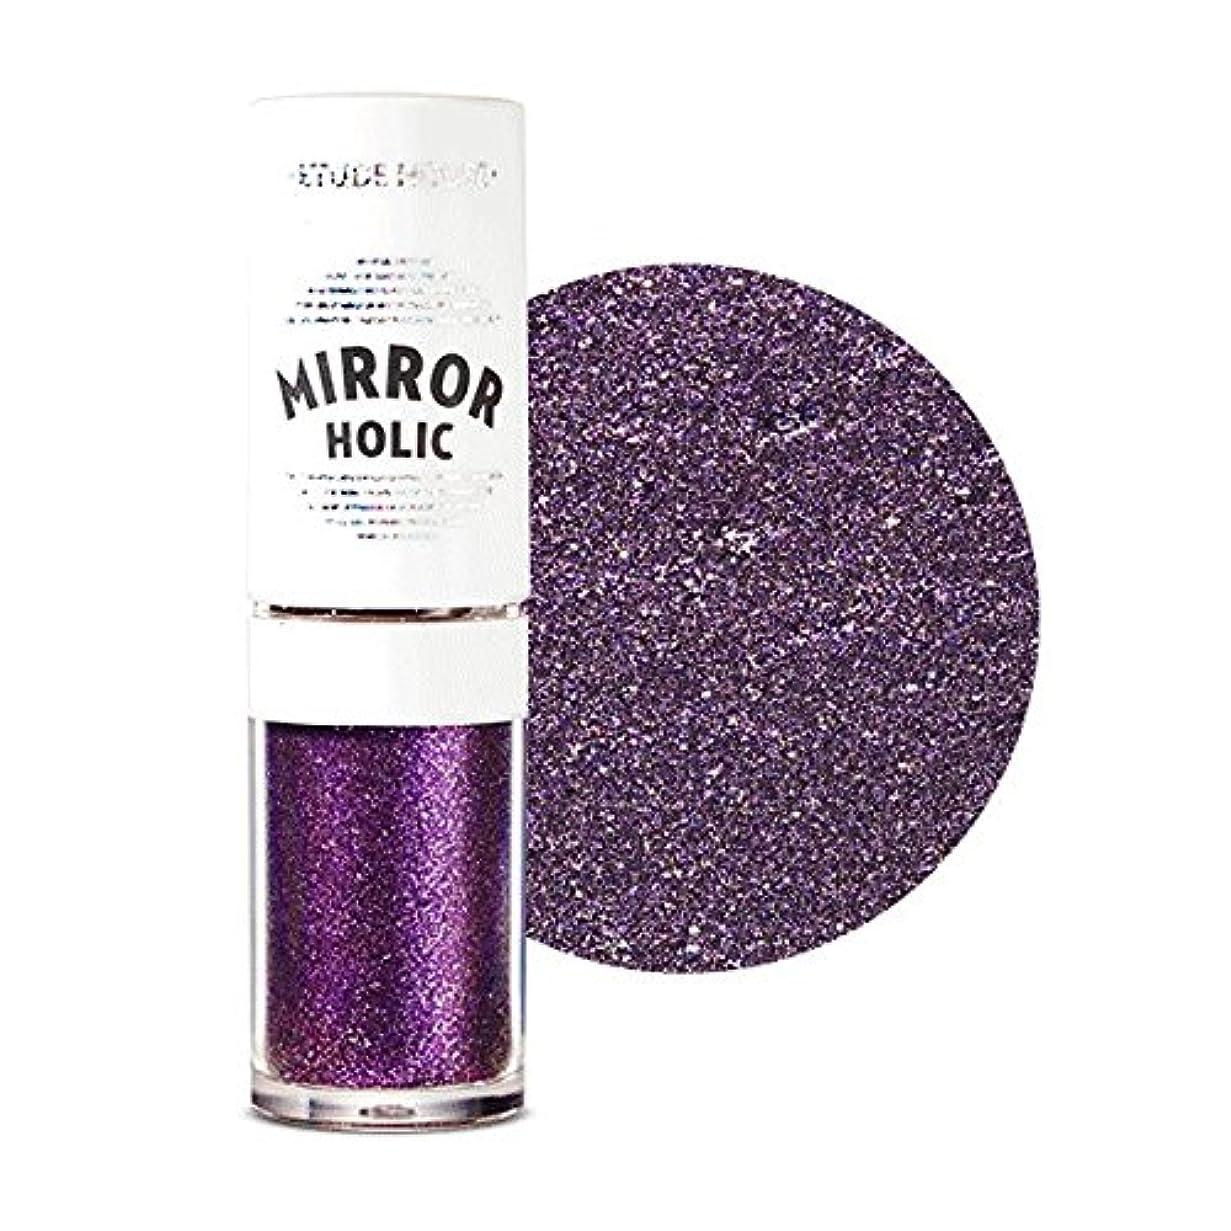 潜水艦ファセットやめるETUDE HOUSE Mirror Holic Liquid Eyes / エチュードハウス ミラーホリックリキッドアイズ ミラーホリックリキッドアイズ (PP501) [並行輸入品]